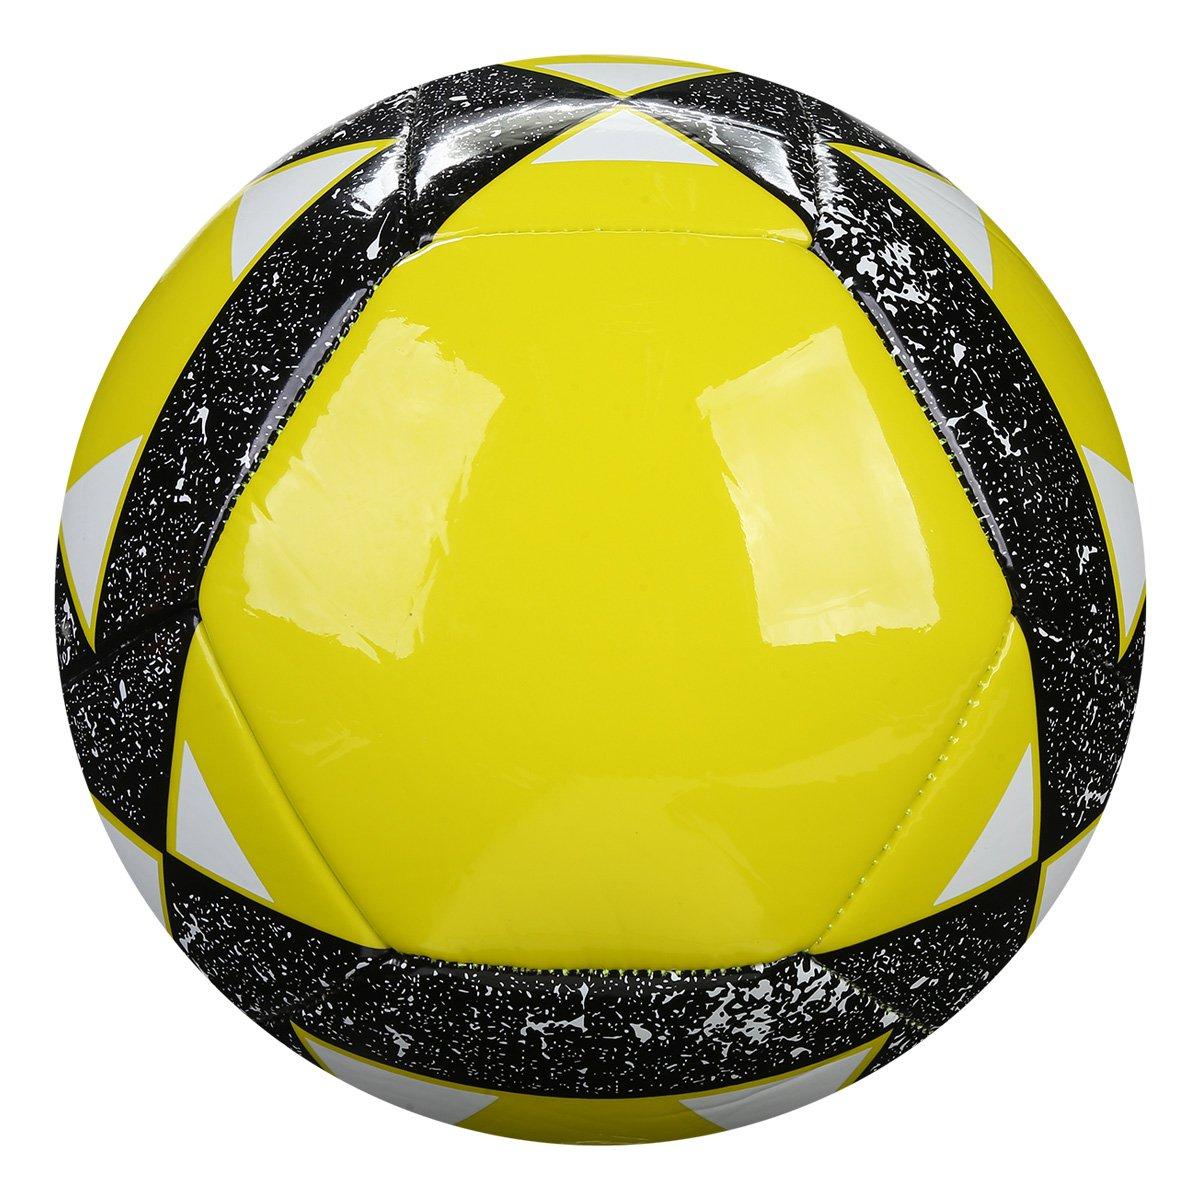 Bola de Futebol Campo Adidas Starlancer V - Compre Agora  e7ec876259e33